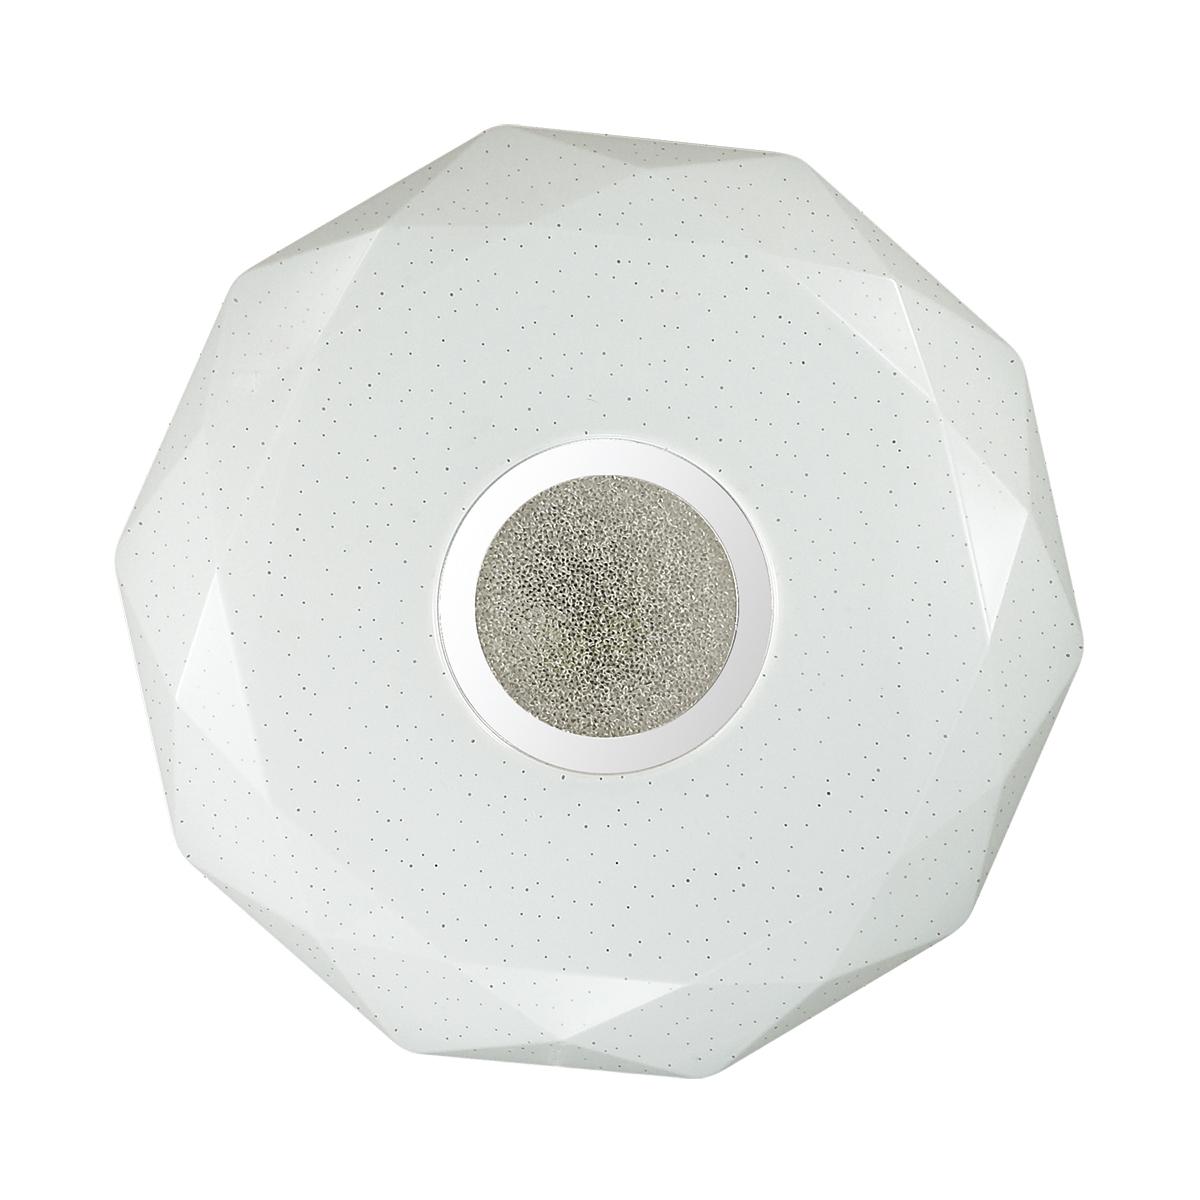 Потолочный светодиодный светильник Sonex Prisa 2057/DL, IP43, LED 48W 2360lm, белый, прозрачный, хром, металл, пластик - фото 3